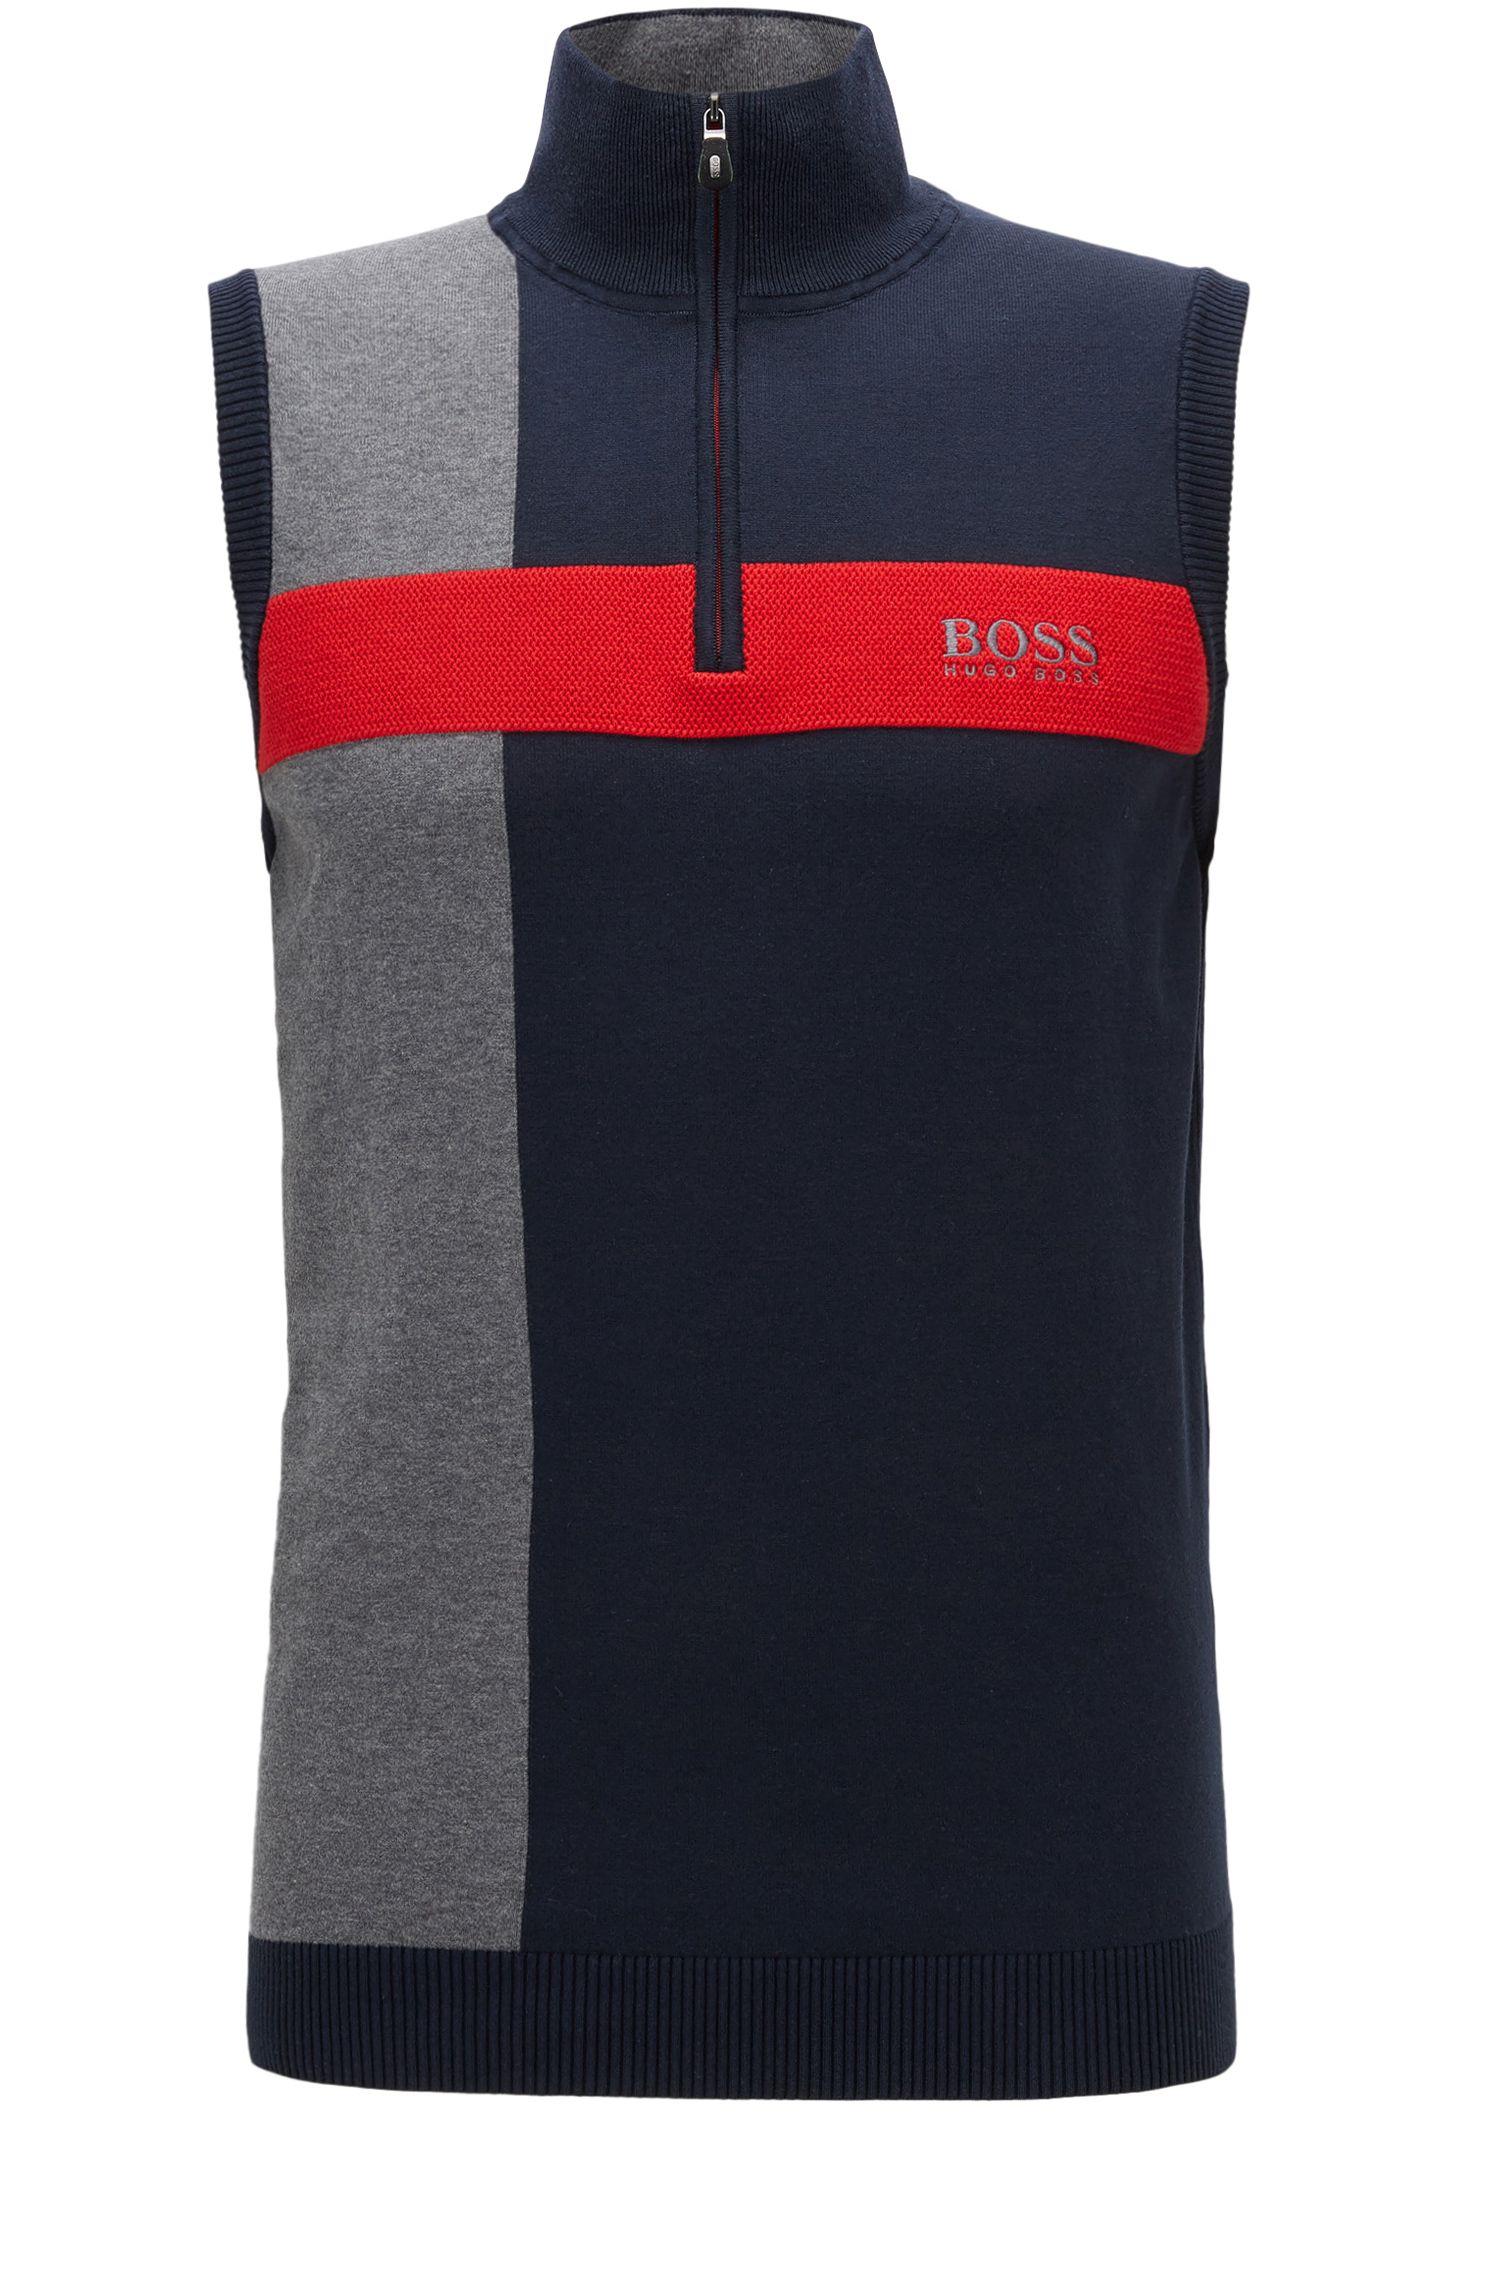 'Zagi Pro W17' | Coloblocked Stretch Cotton Sweater Vest